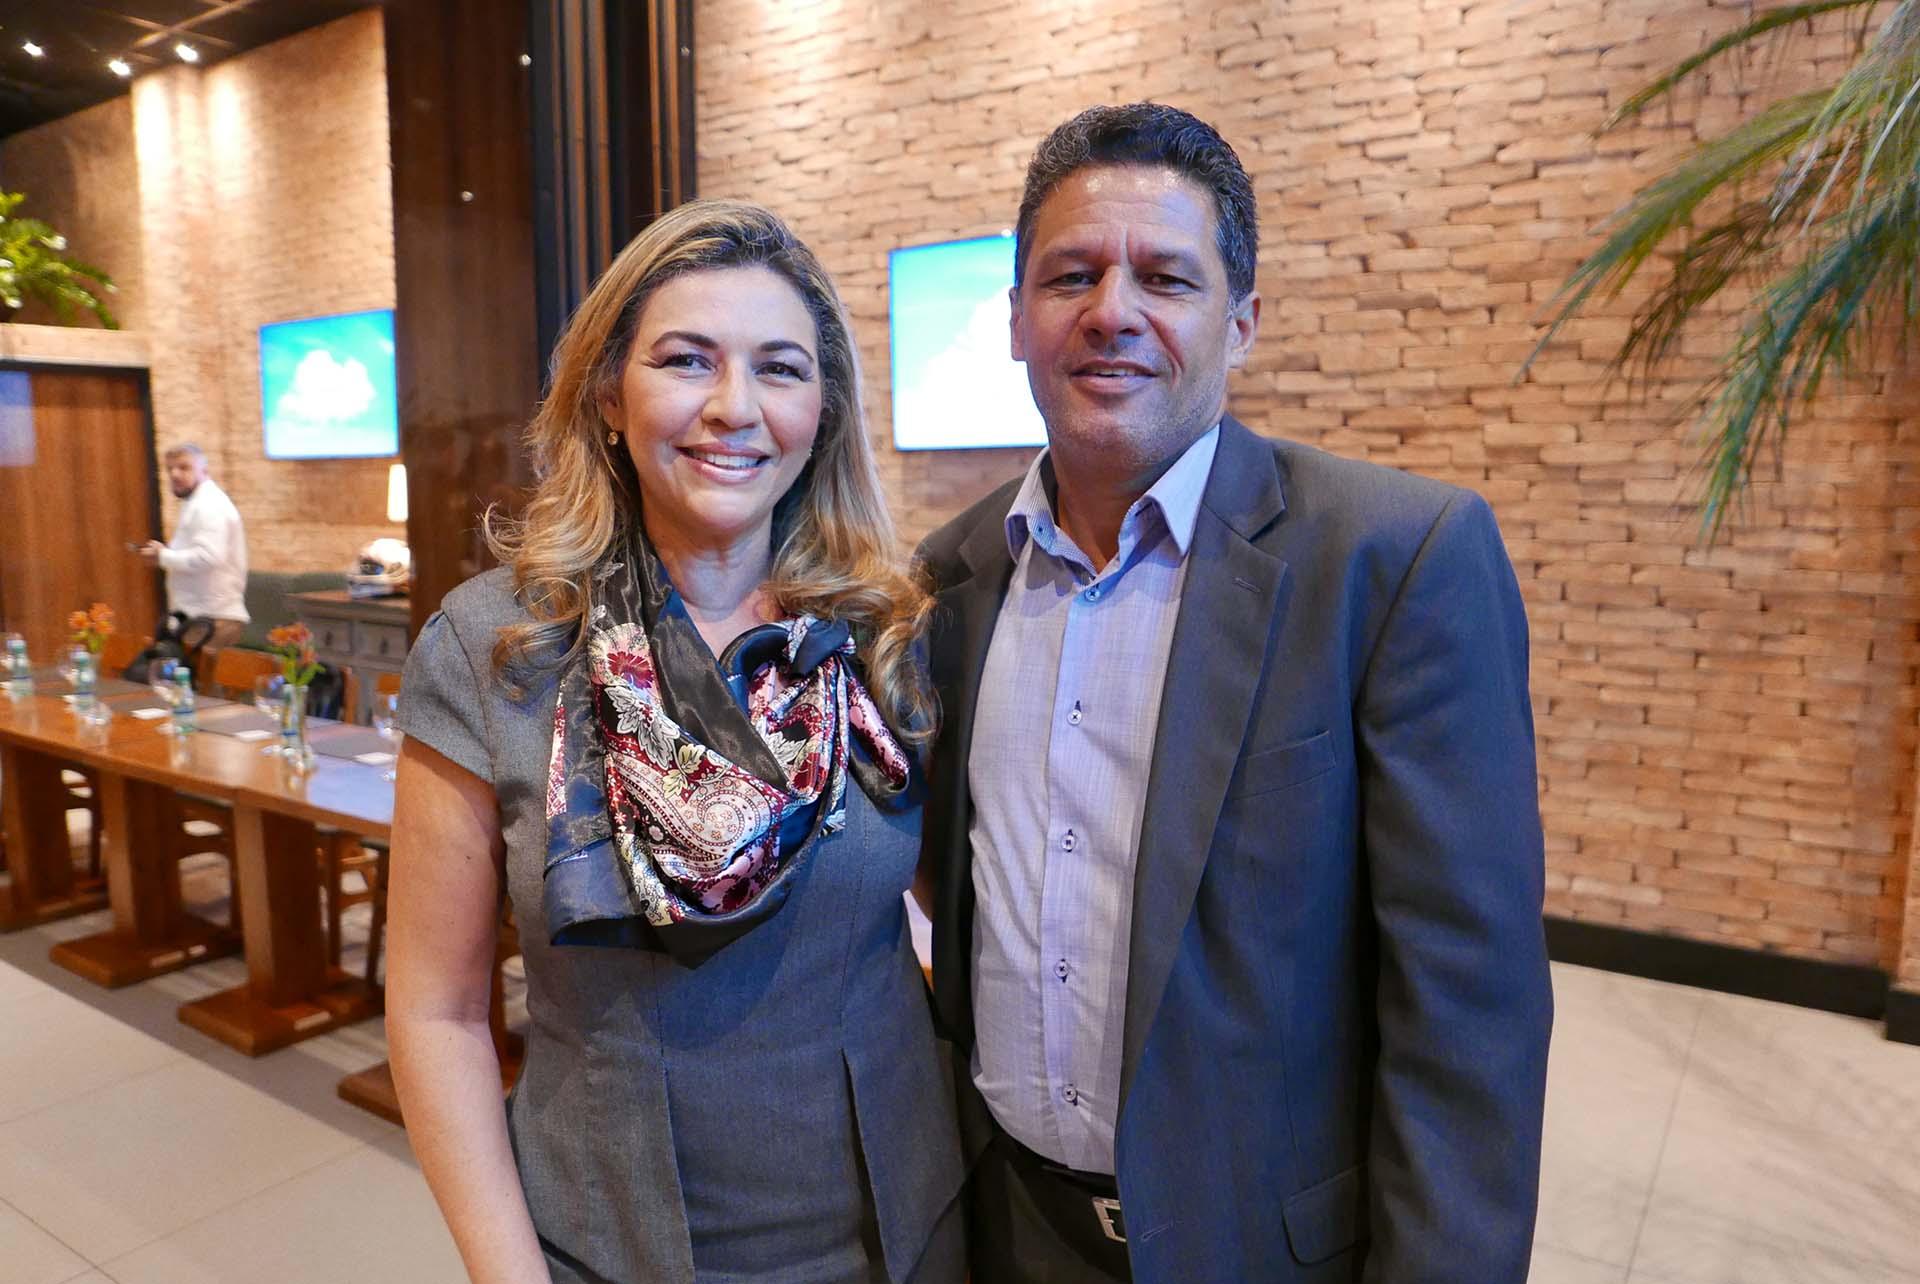 Regina Barros e Fernando Murta, no evento de lançamento da Operadora WestCentral em Belo Horizonte